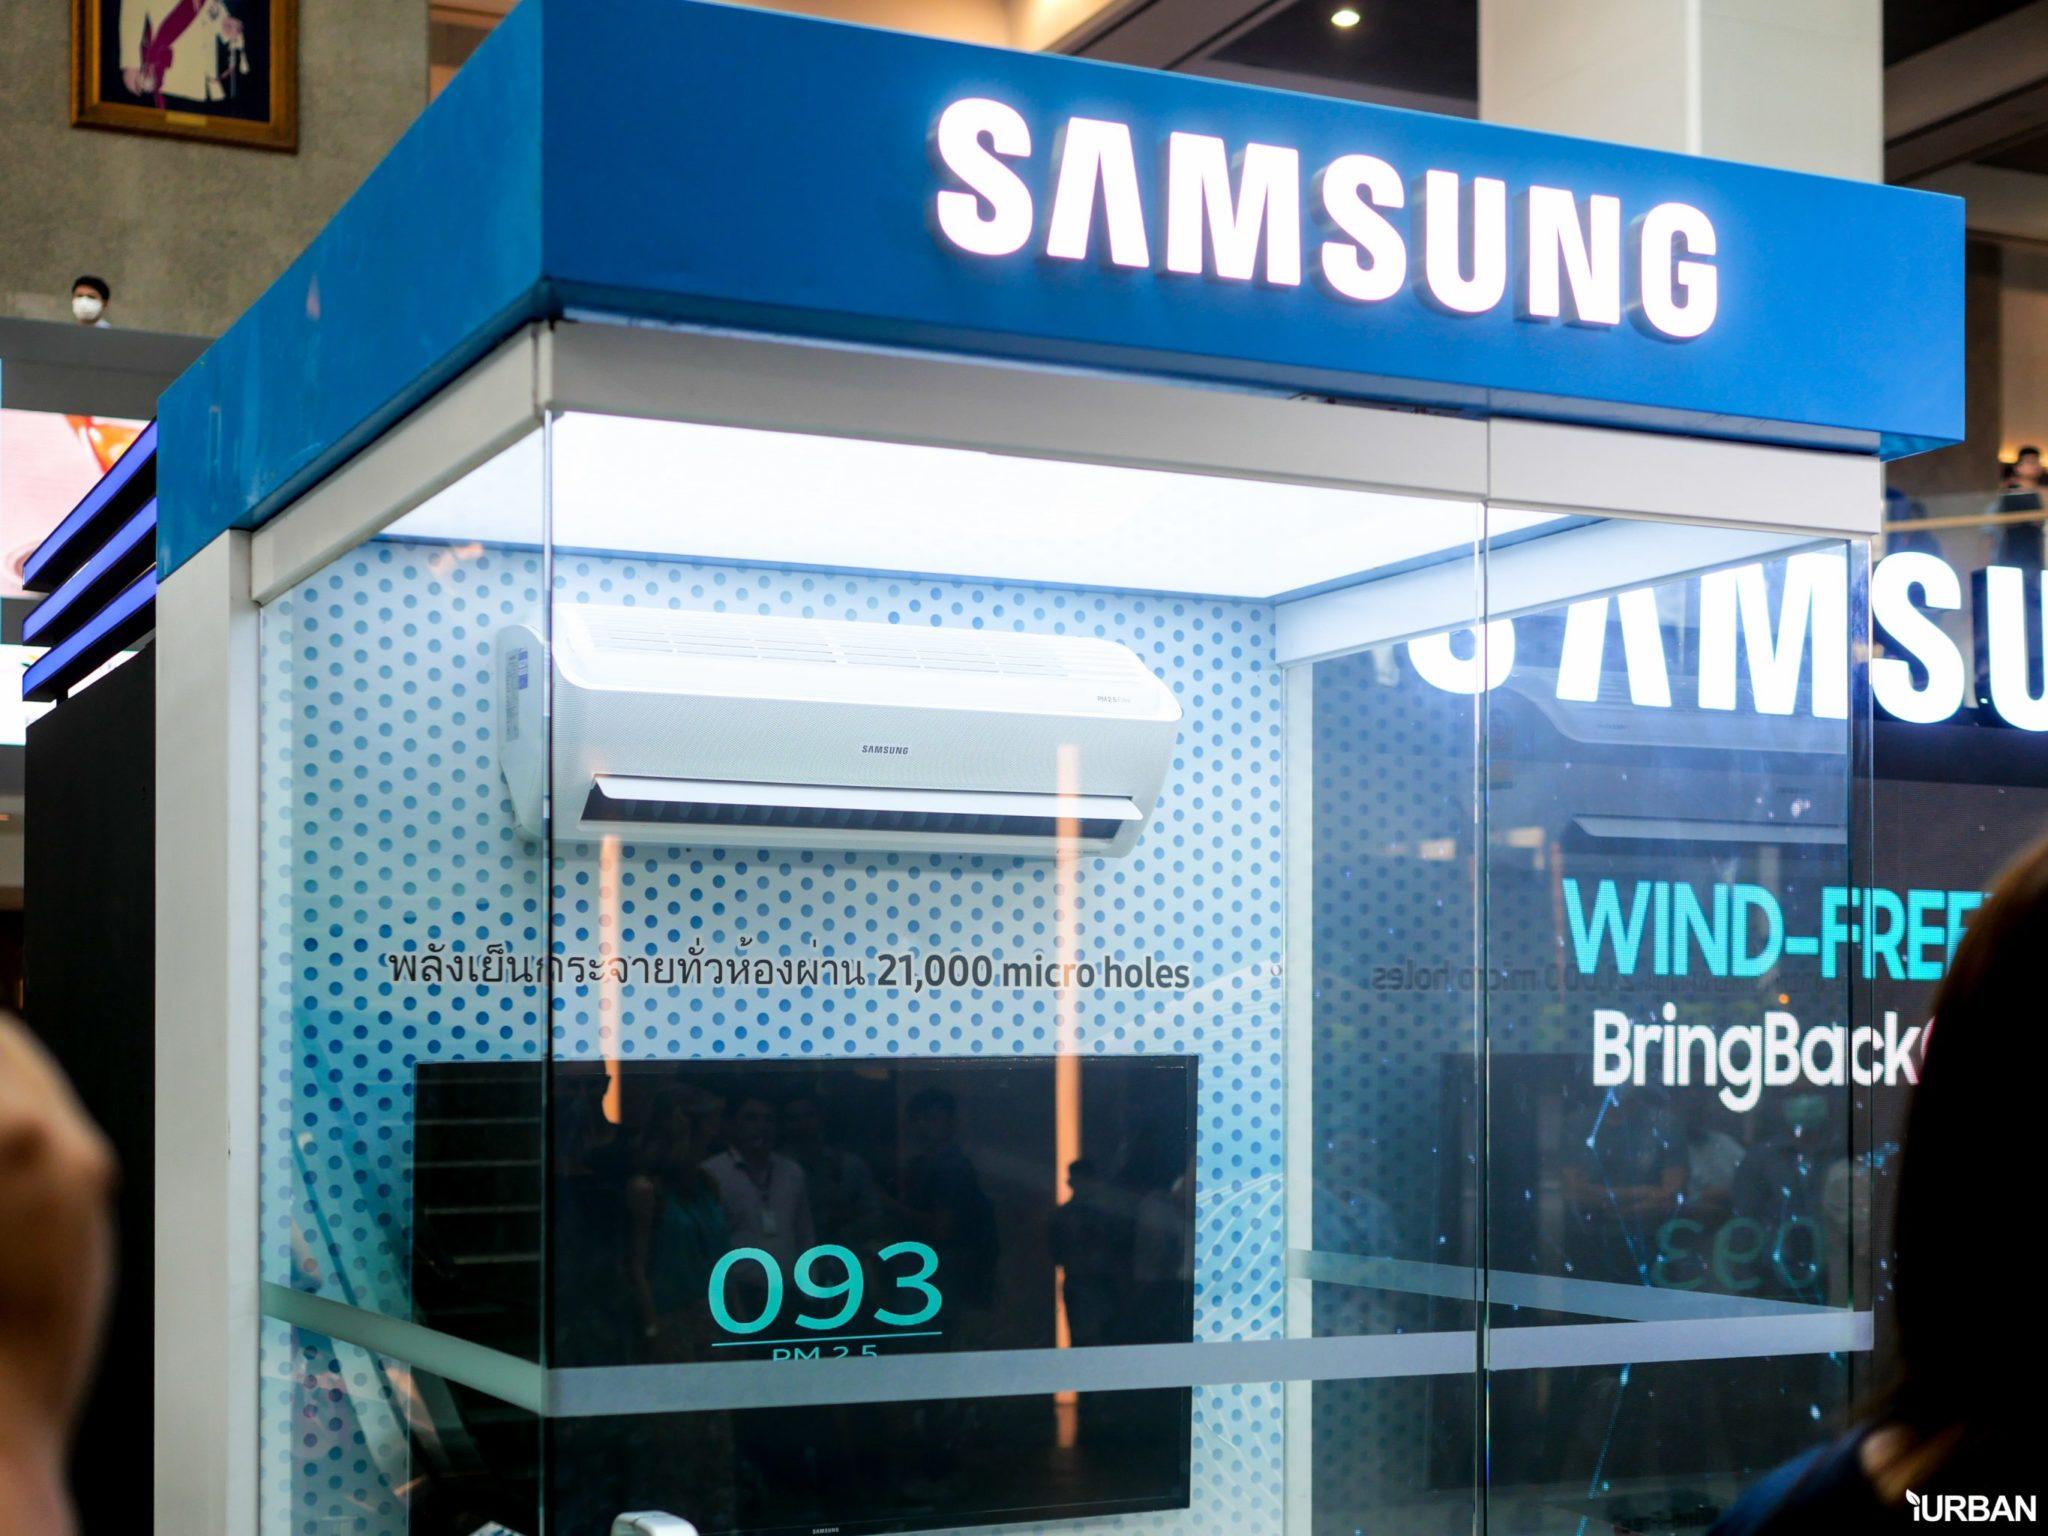 """แอร์ที่กรอง PM2.5 ได้ในเครื่องเดียว SAMSUNG Wind-Free Plus มากกว่าเครื่องฟอกอากาศถึงระดับ """"ไวรัส"""" 19 - Premium"""